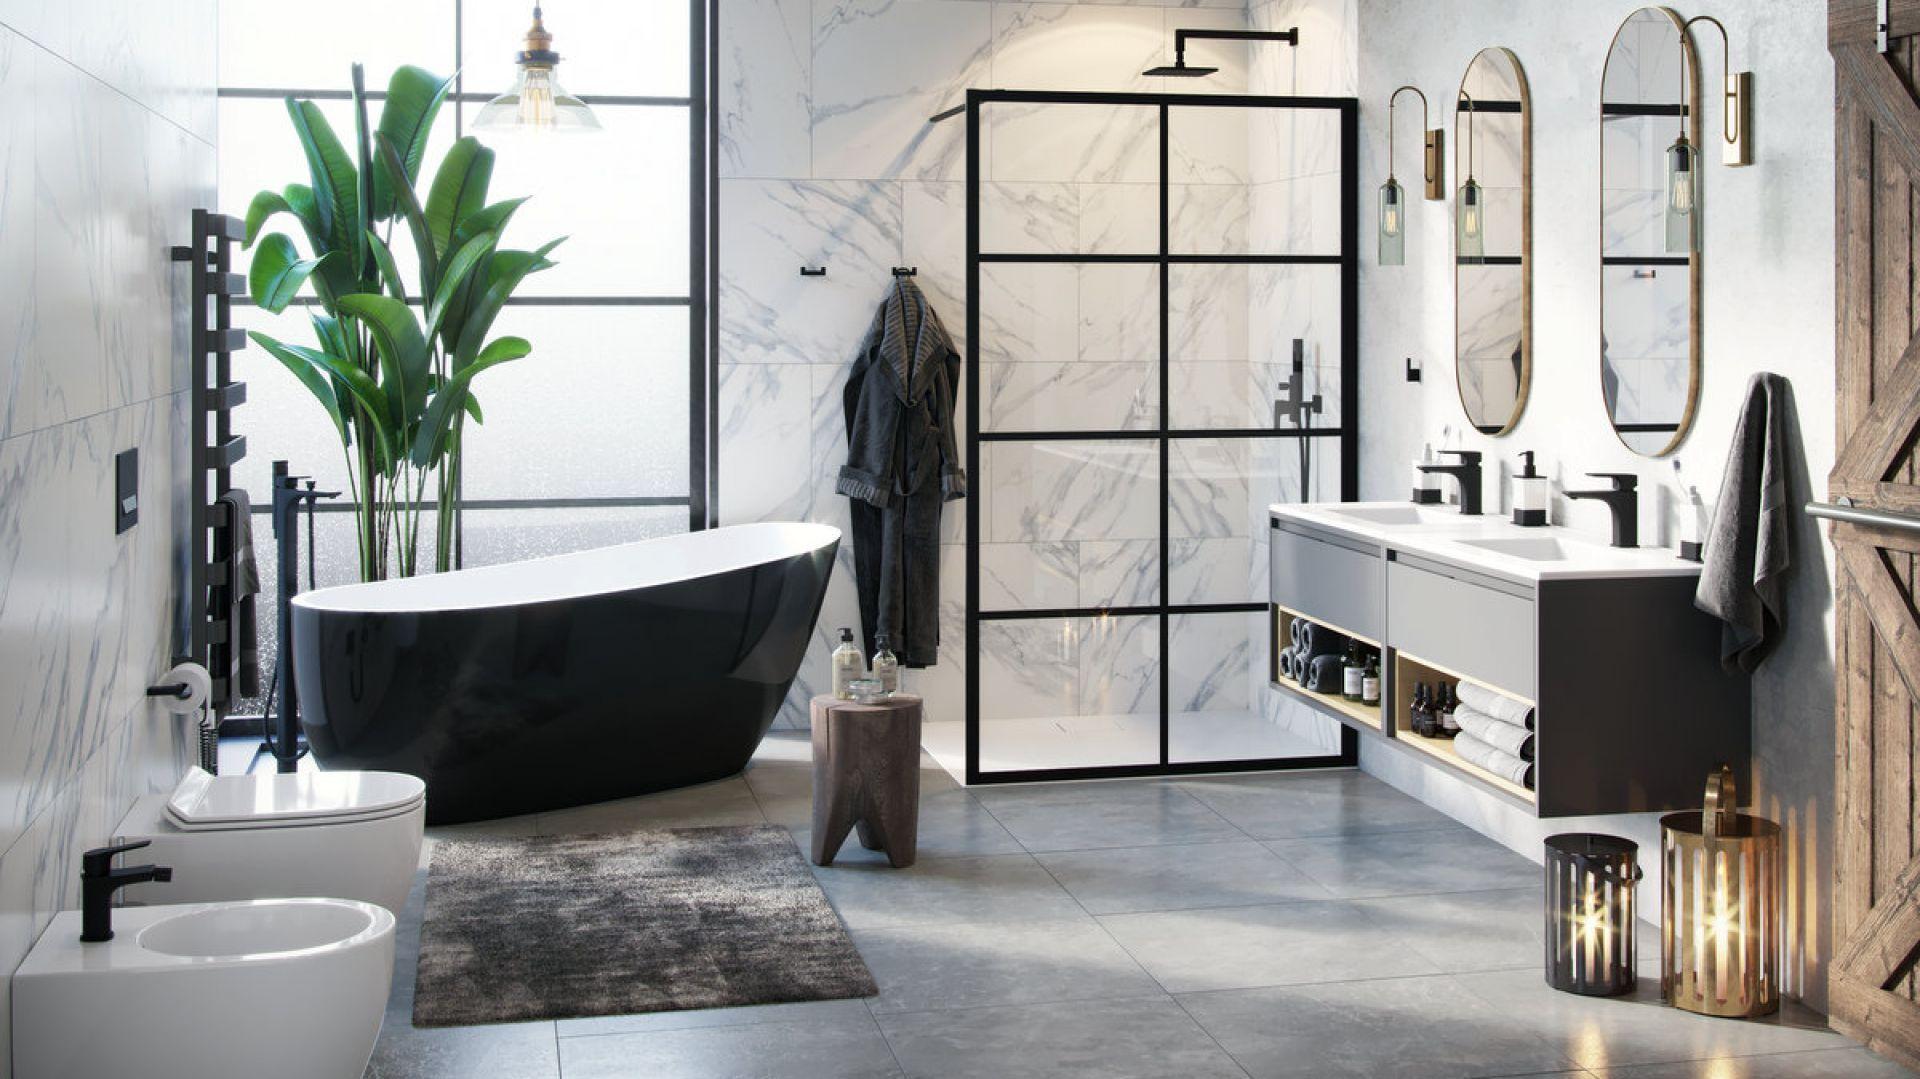 Łazienka z piękną wanną wolnostojącą. Na zdjęciu czarno-biały model Comfort marki Excellent. Cena: 4799 zł. Fot. Excellent